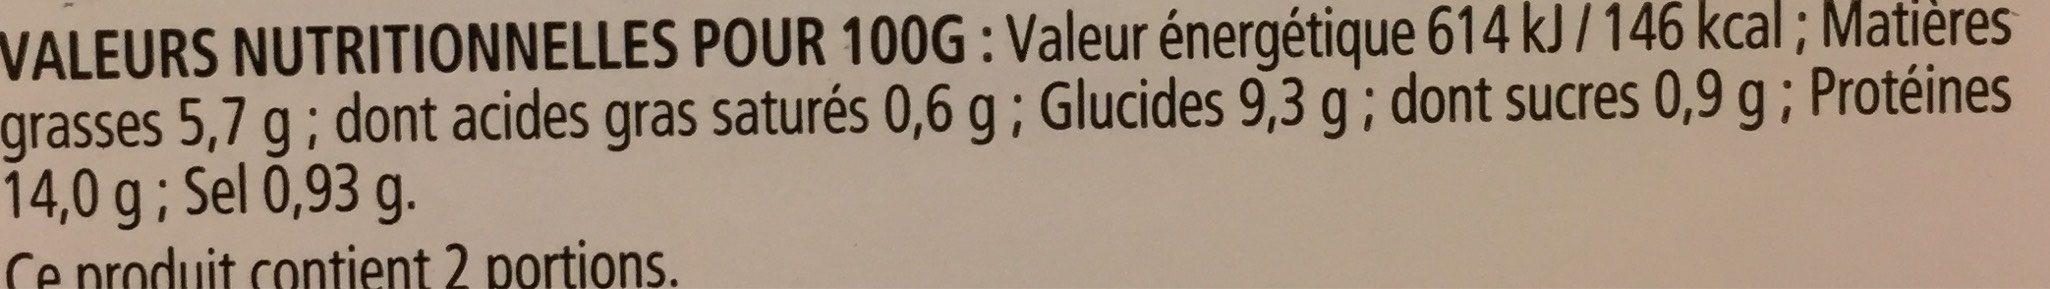 Filet de Merlu Blanc Meunière - Informations nutritionnelles